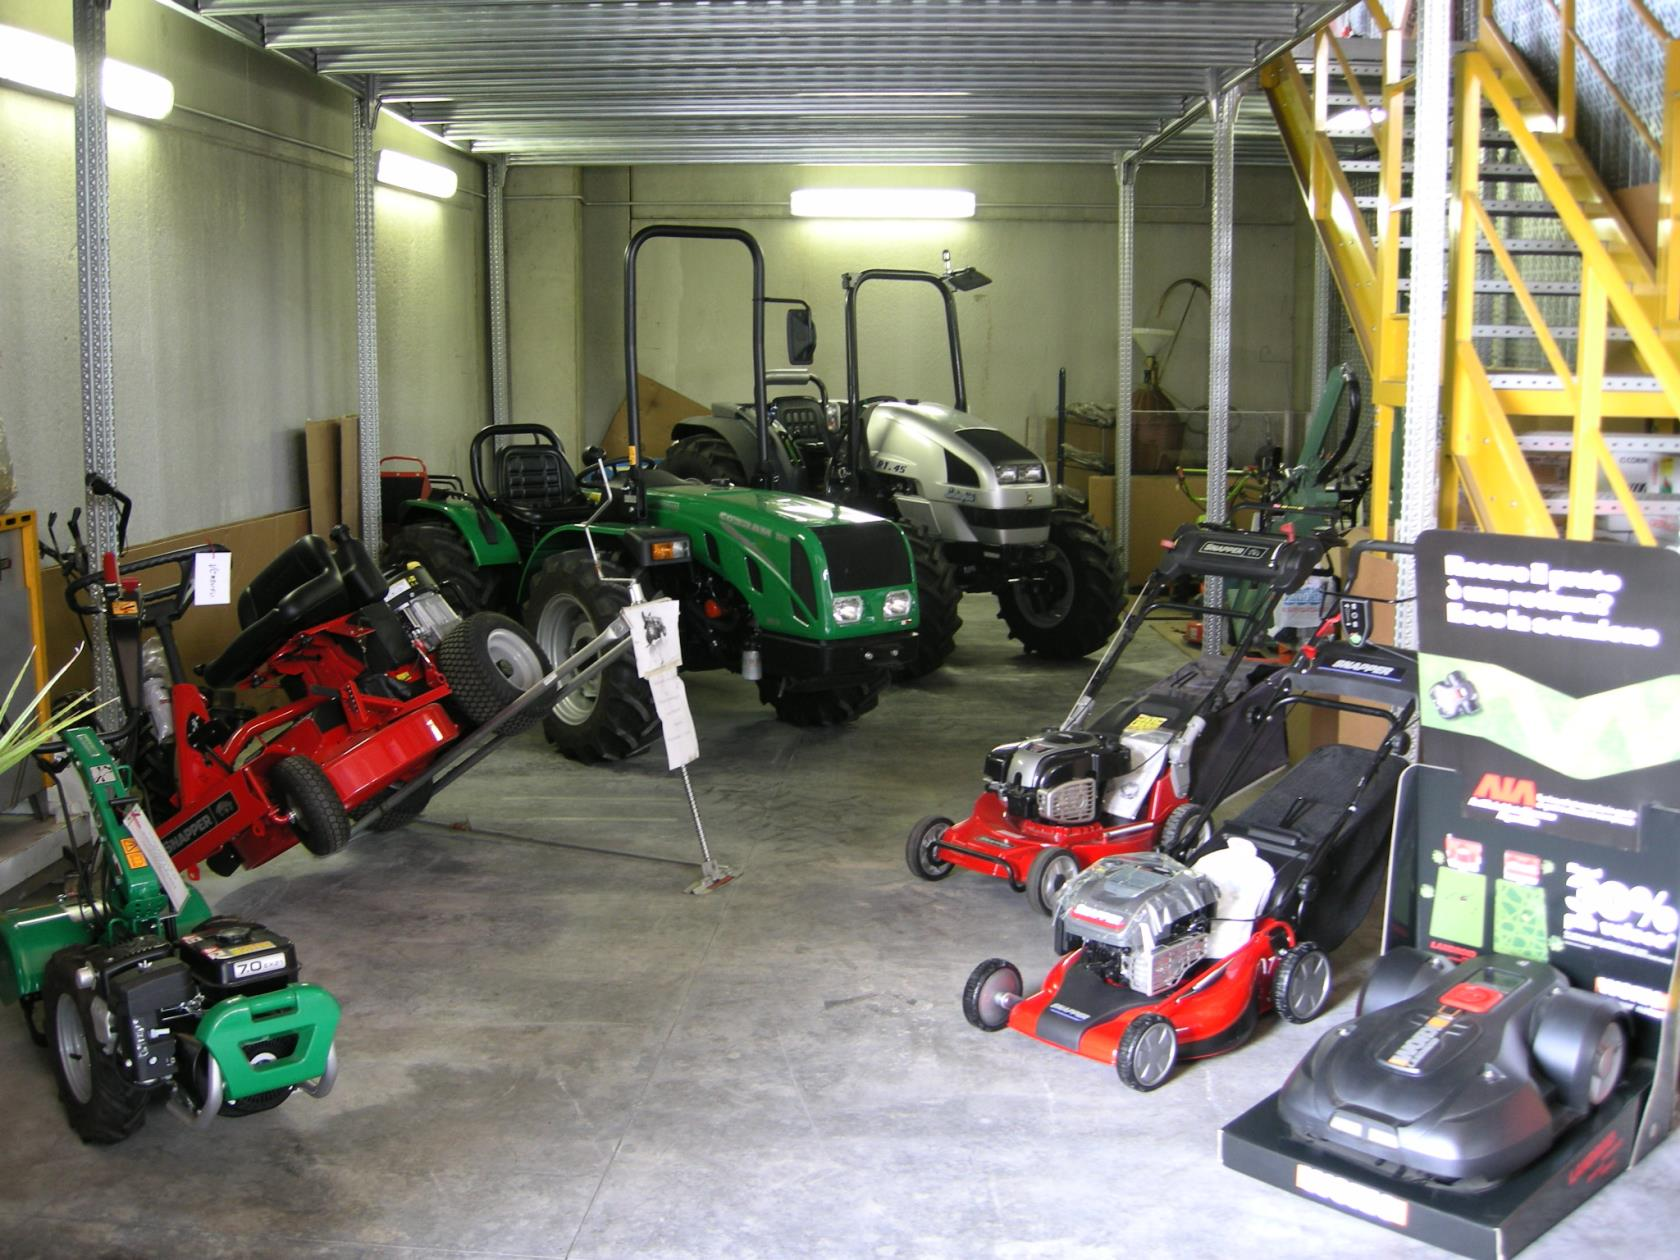 Macchine attrezzature giardinaggio Rivoli Torino